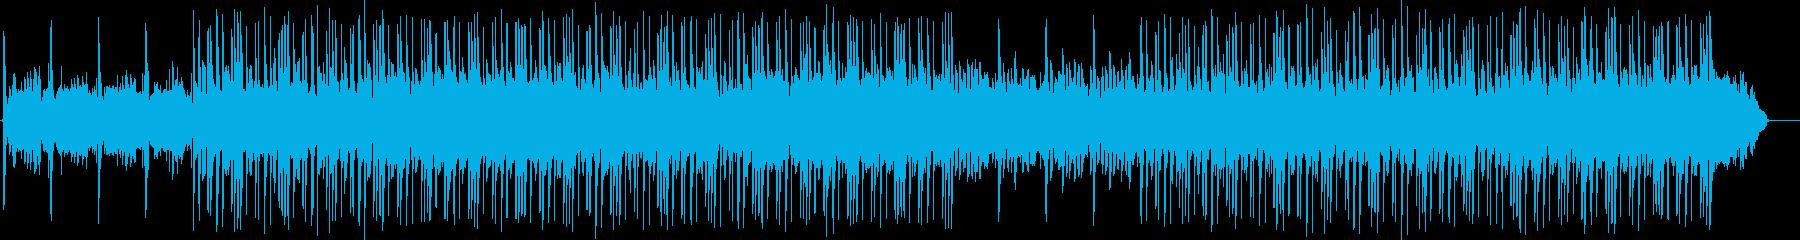 さわやかな雰囲気のBGM2の再生済みの波形